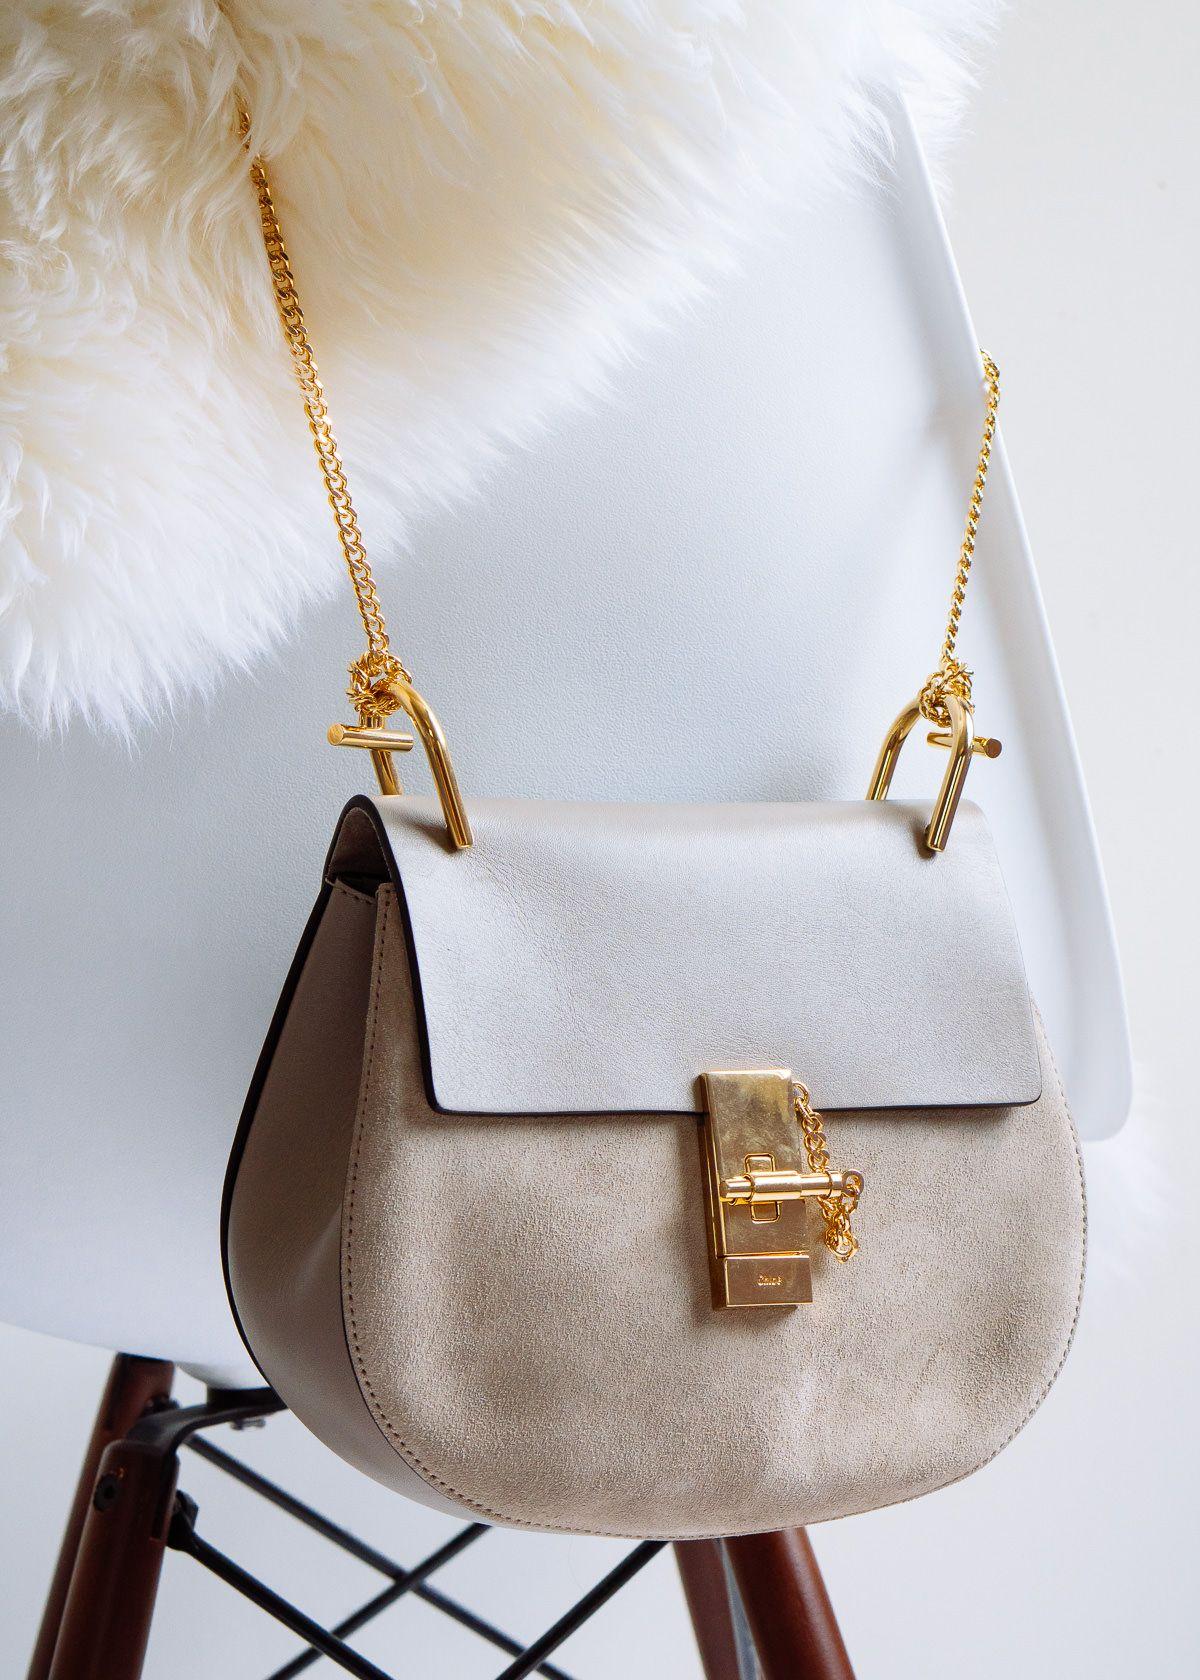 5619ffa150c5 In My Bag: A Day With the Chloé Drew Bag | Purses | Chloe drew bag ...